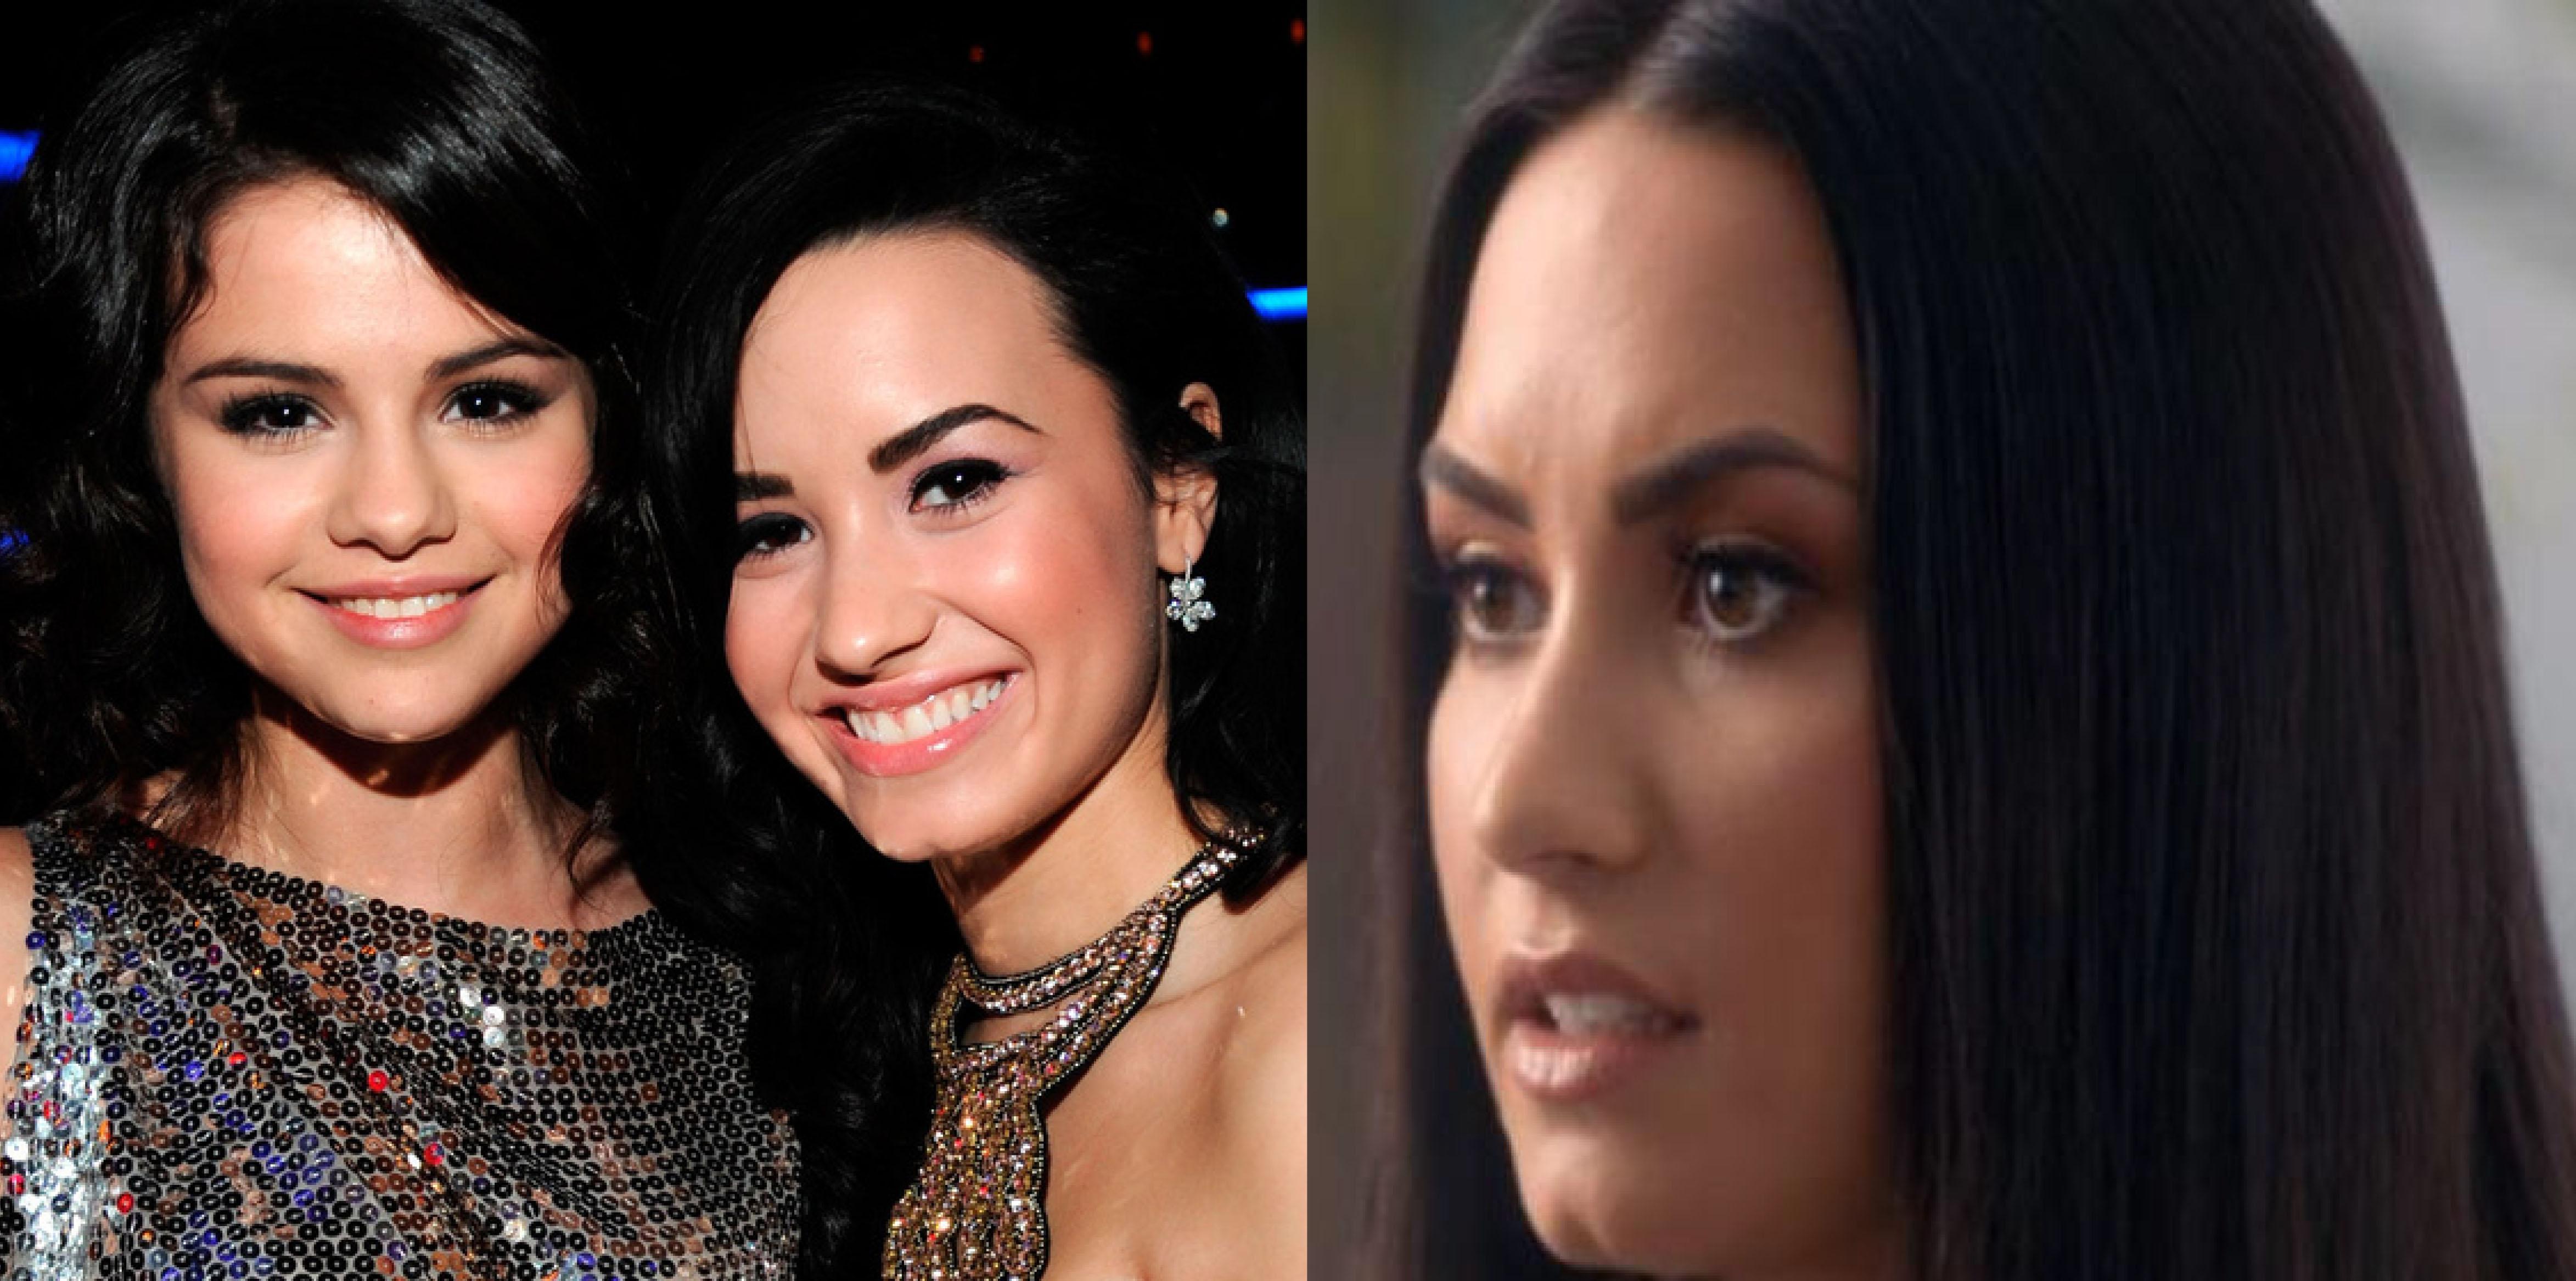 <i>Con el corazón roto</i>: Demi Lovato reacciona a la crisis de Selena Gomez